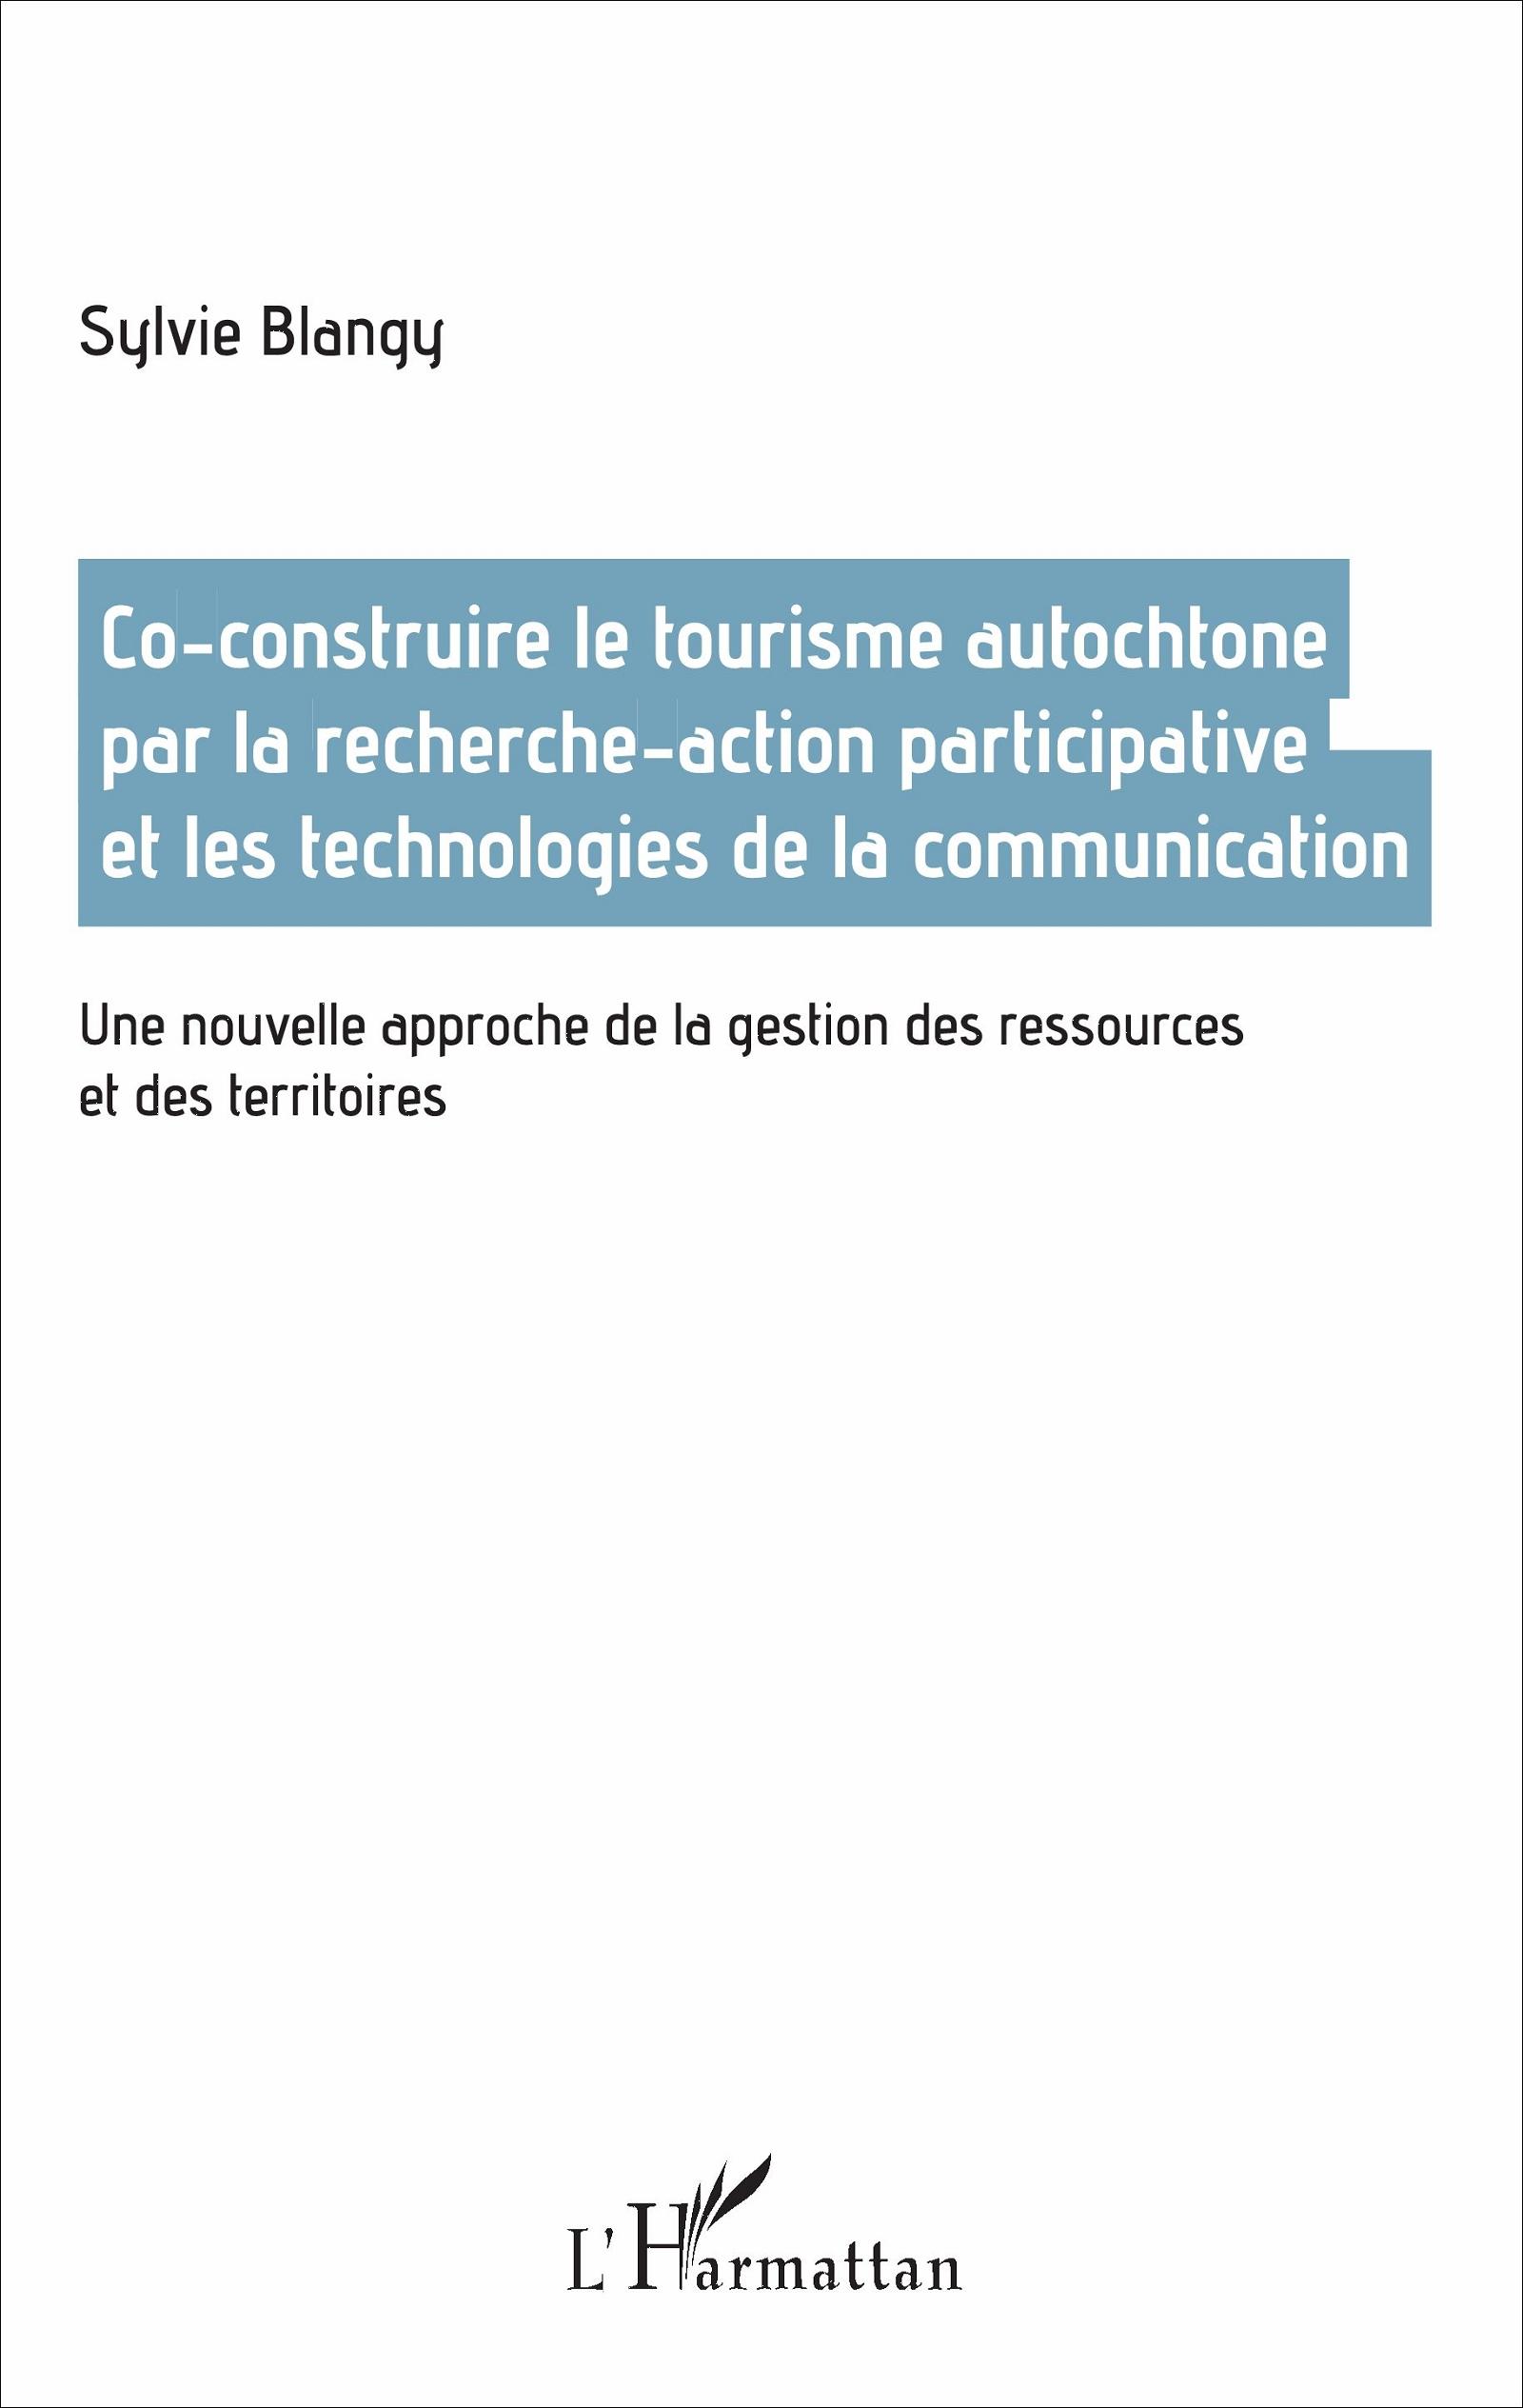 Co-construire le tourisme autochtone par la recherche-action participative et les technologies de la communication